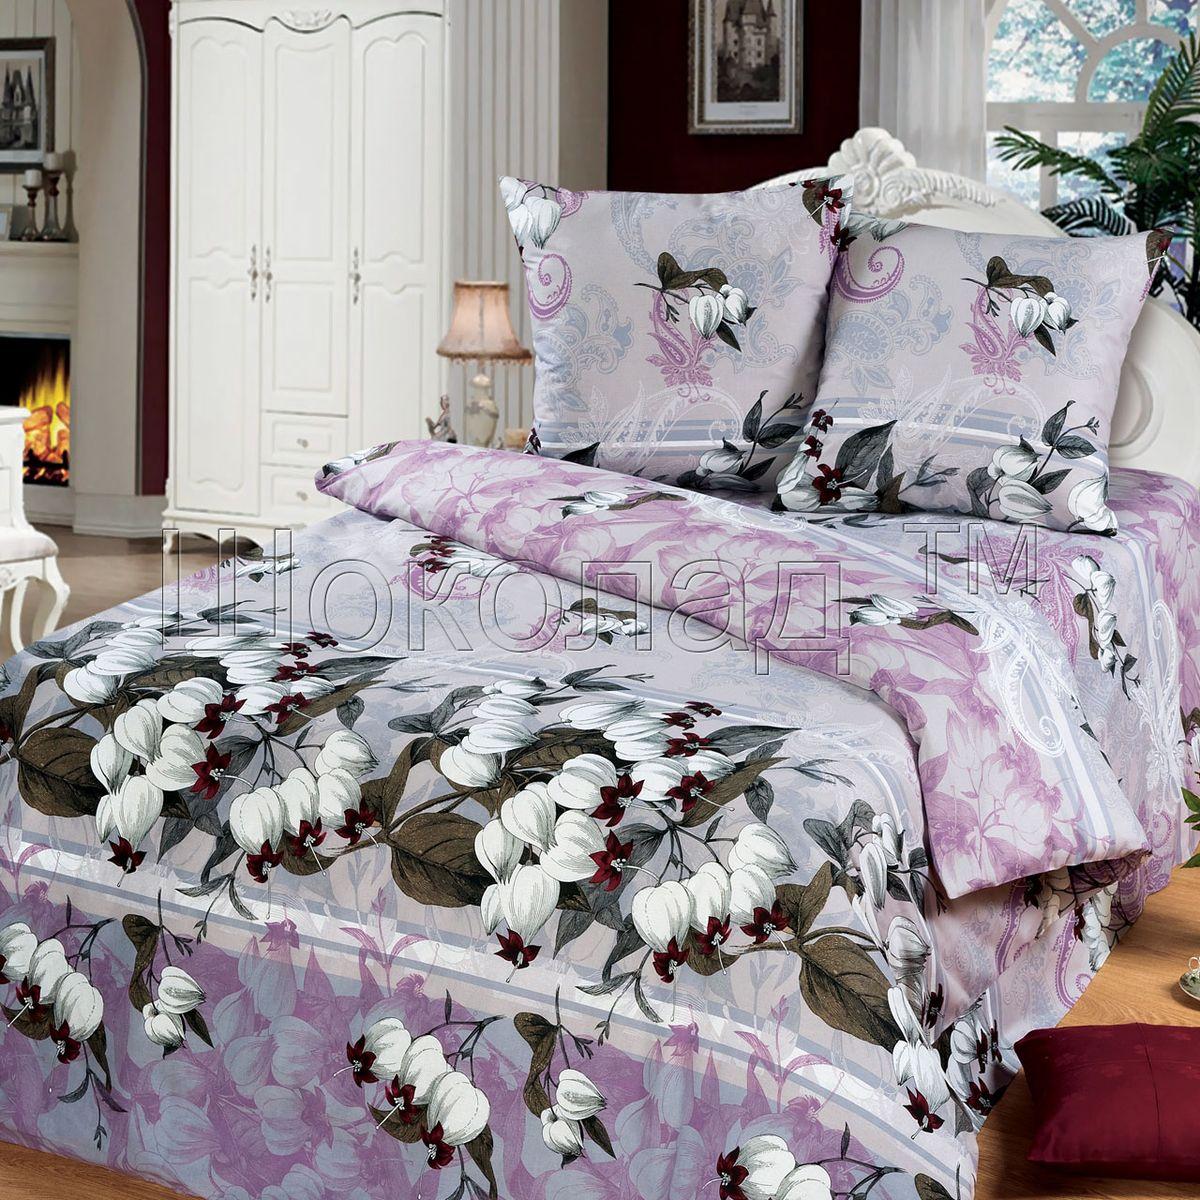 Комплект белья Шоколад Анита, 1,5-спальный, наволочки 70x70. Б100391602Комплект постельного белья Шоколад Анита является экологически безопасным для всей семьи, так как выполнен из натурального хлопка. Комплект состоит из пододеяльника, простыни и двух наволочек. Постельное белье оформлено оригинальным рисунком и имеет изысканный внешний вид.Бязь - это ткань полотняного переплетения, изготовленная из экологически чистого и натурального 100% хлопка. Она прочная, мягкая, обладает низкой сминаемостью, легко стирается и хорошо гладится. Бязь прекрасно пропускает воздух и за ней легко ухаживать. При соблюдении рекомендуемых условий стирки, сушки и глажения ткань имеет усадку по ГОСТу, сохранятся яркость текстильных рисунков. Приобретая комплект постельного белья Шоколад Анита, вы можете быть уверены в том, что покупка доставит вам и вашим близким удовольствие и подарит максимальный комфорт.